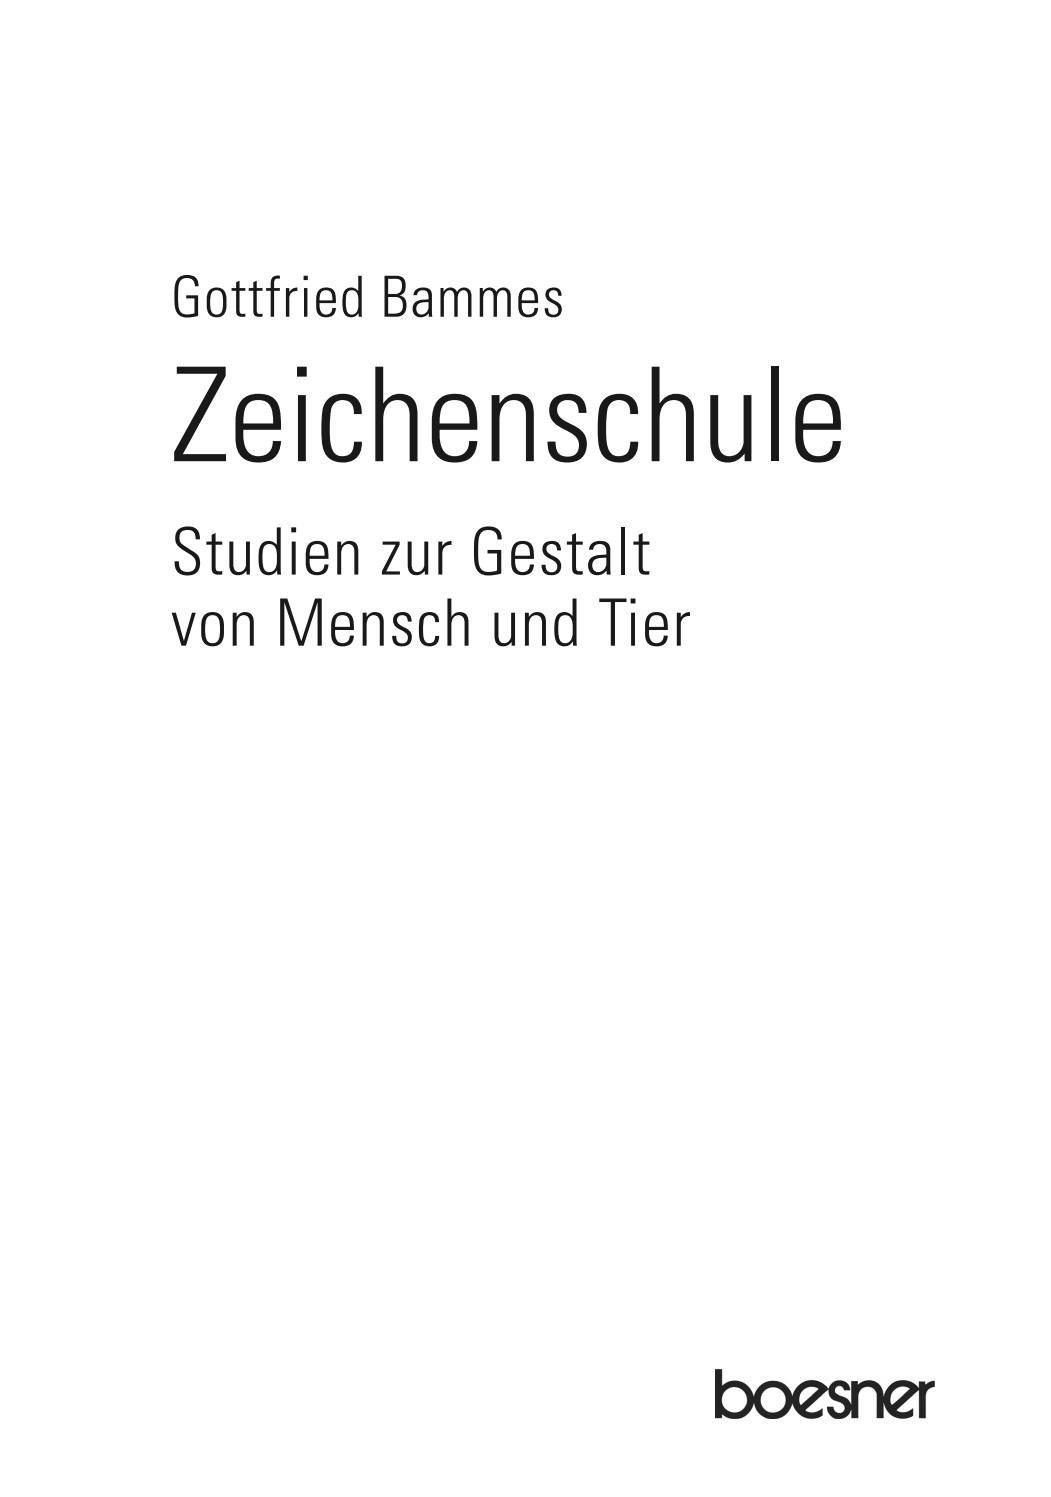 Leseprobe Zeichenschule Bammes | Mensch und Tier by boesner - issuu